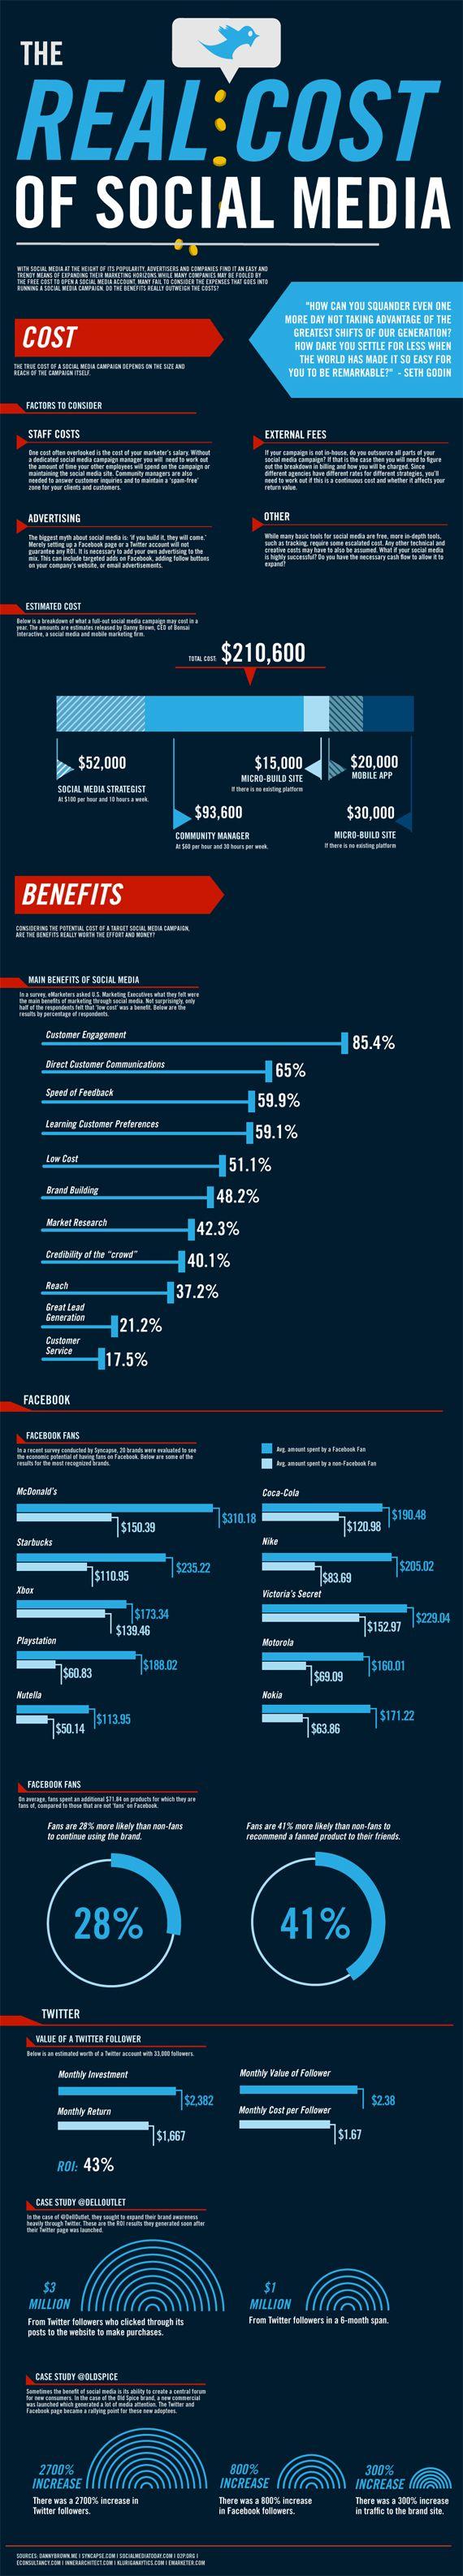 Vad kostar egentligen marknadsföring i sociala medier? - ExploreCurate